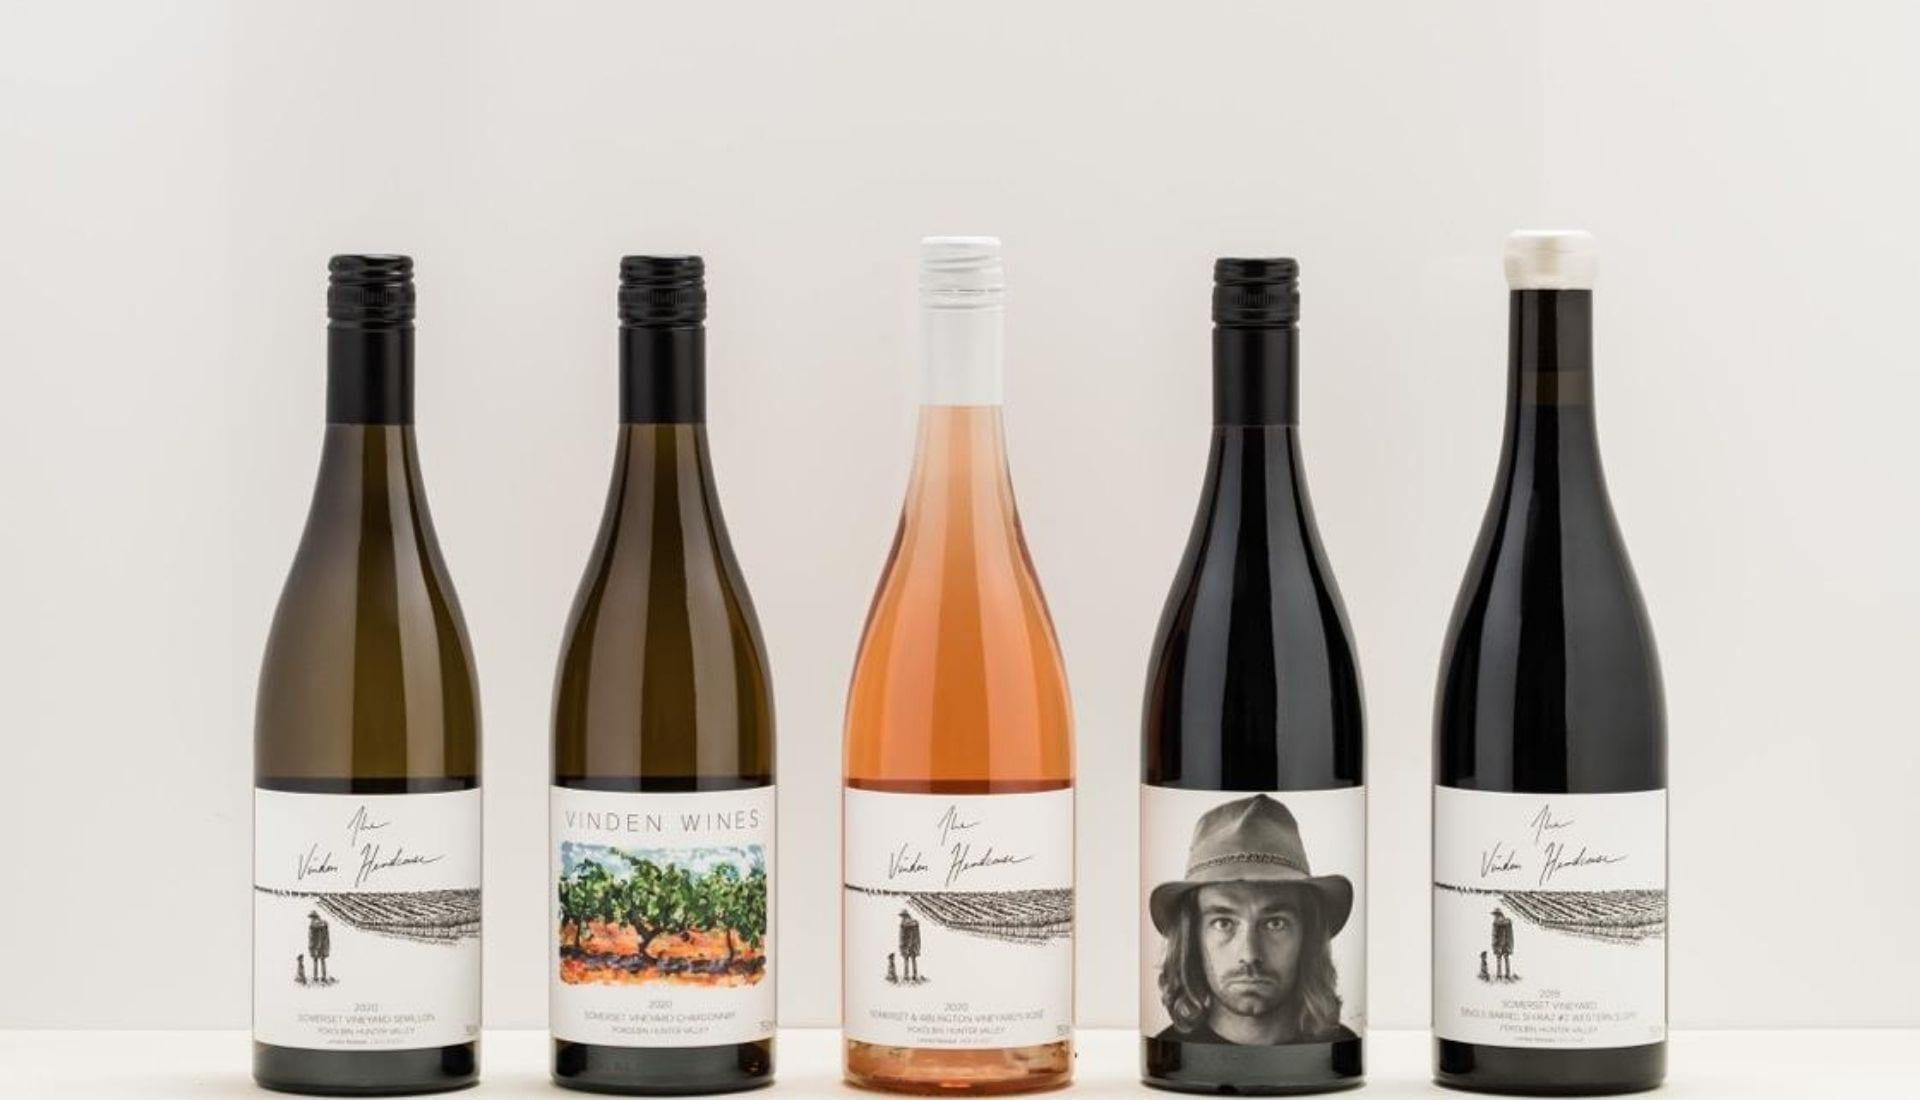 Vinden Wines